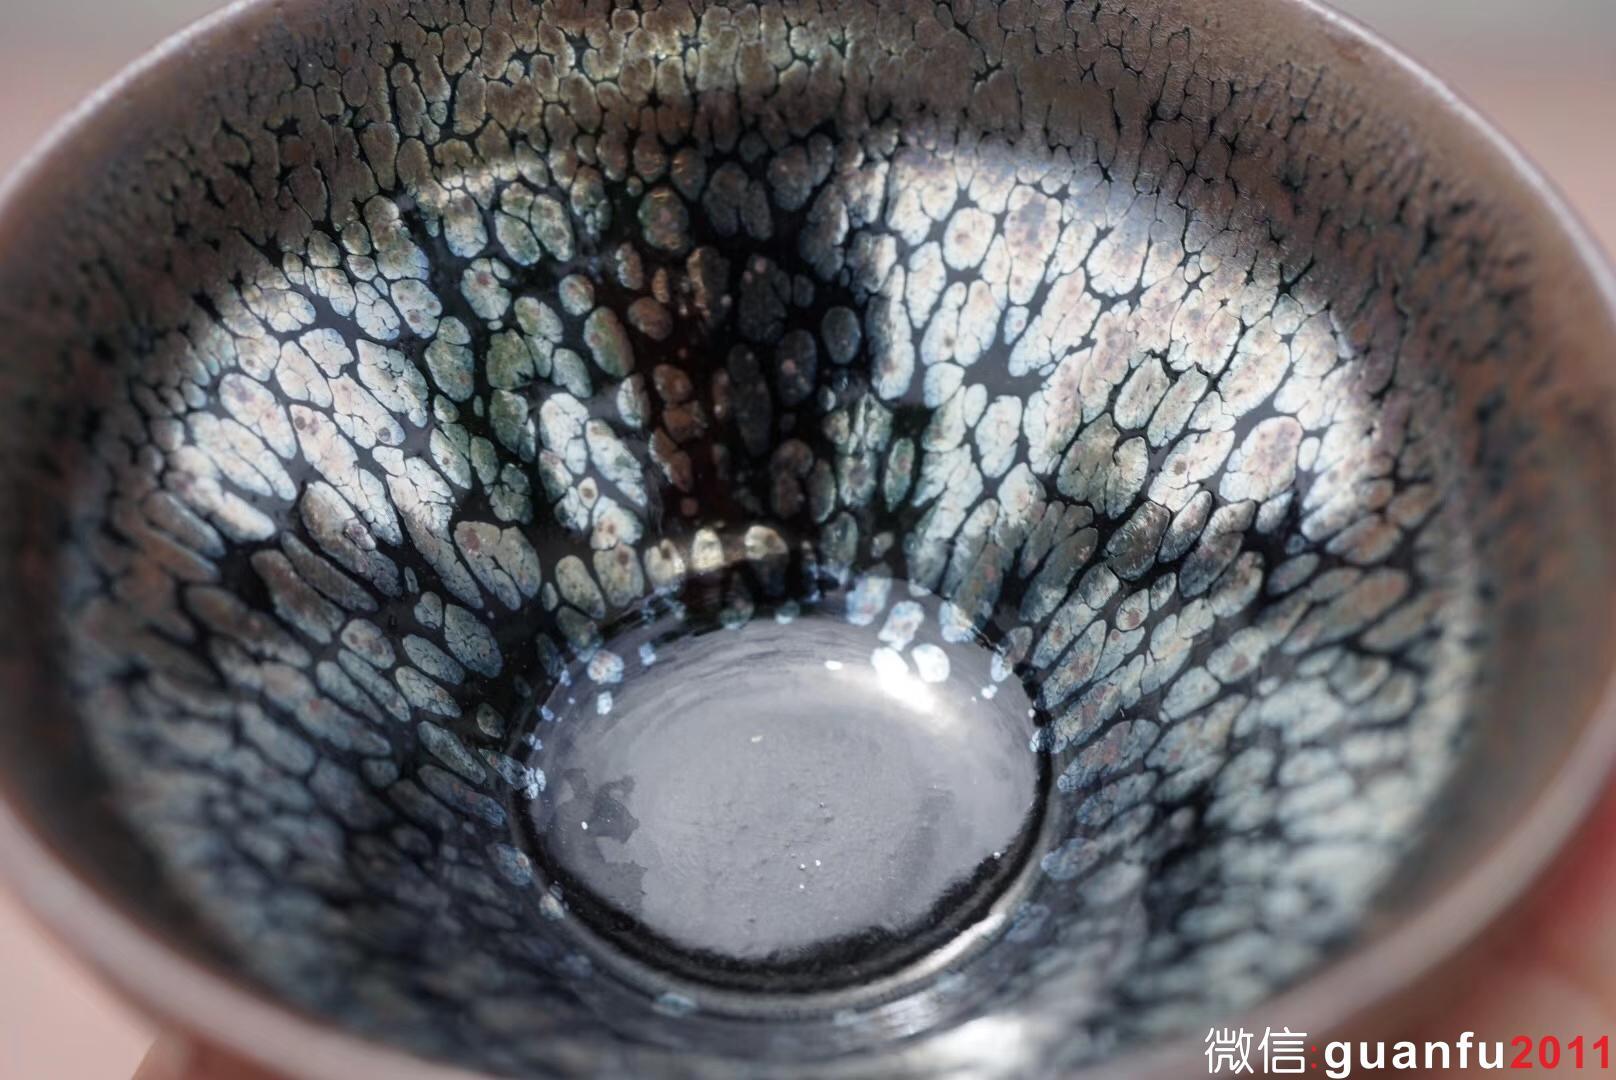 建盏泰斗 国家级大师李达老师 作品  口径8.7高4.7公分